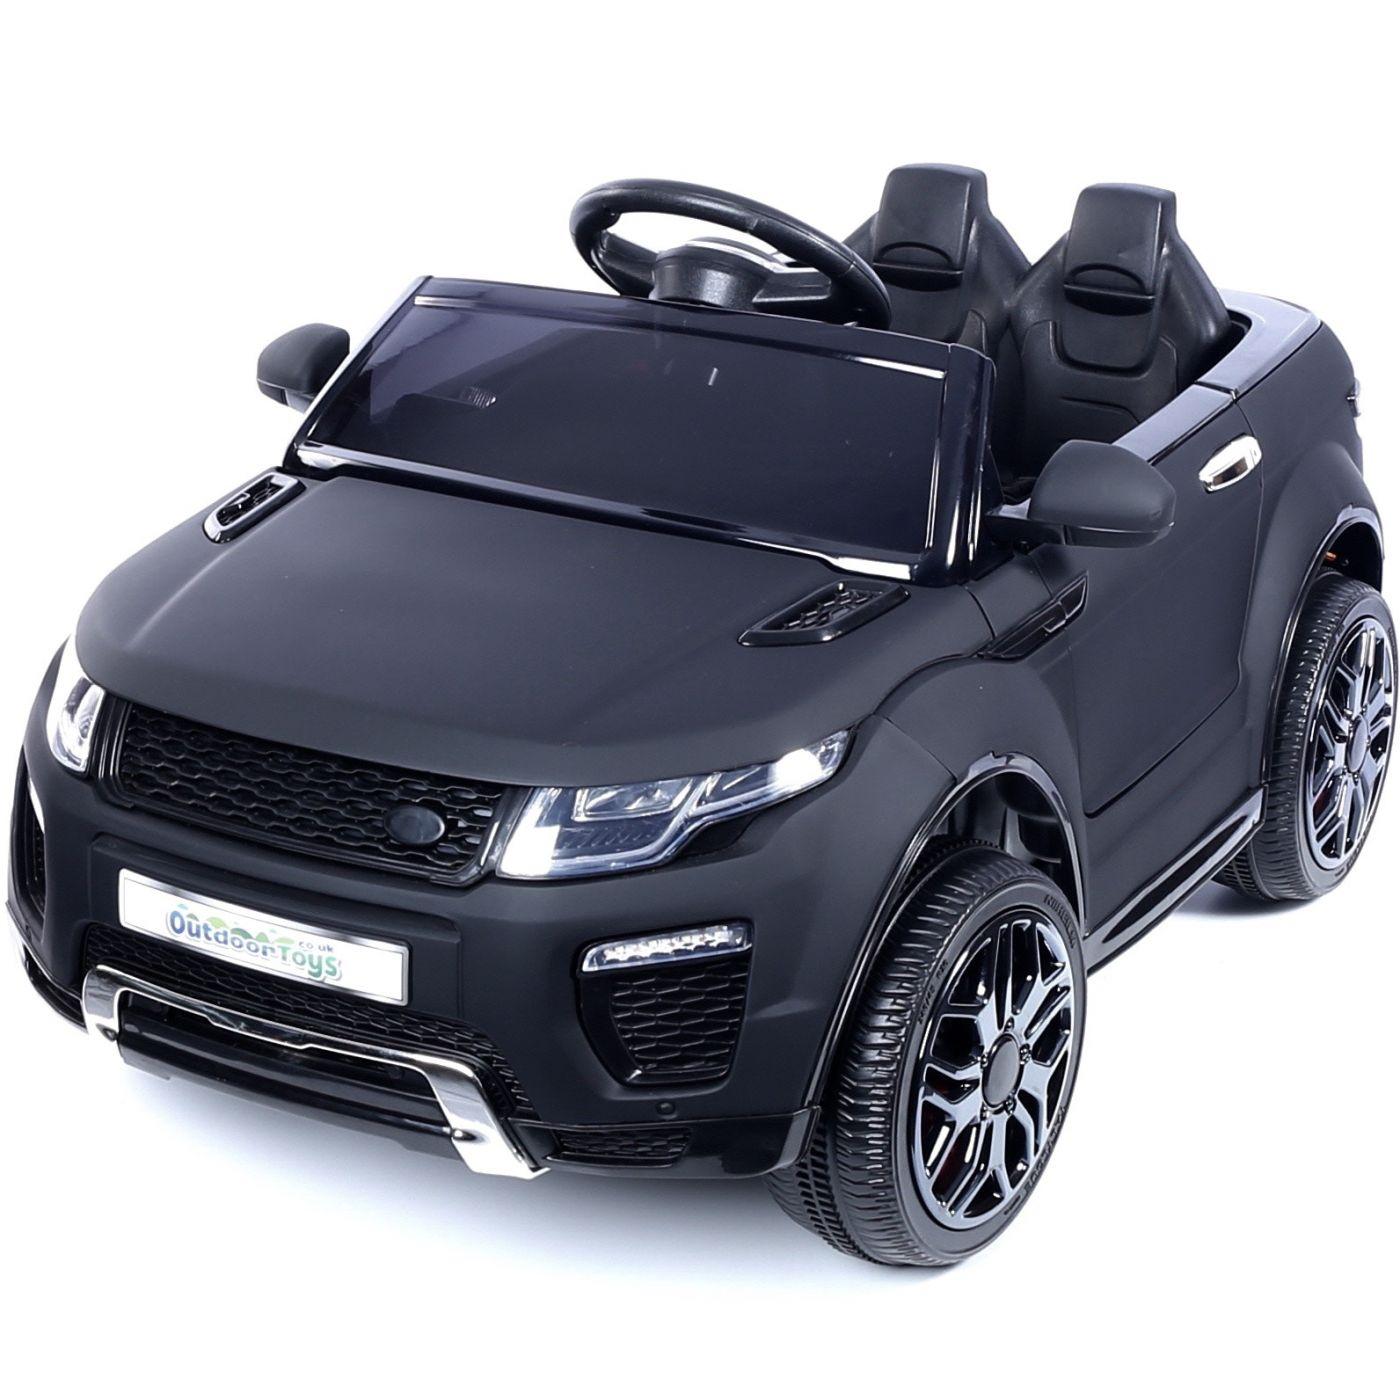 bacebaa0a35 Range Rover Evoque Style 12v Child s Ride On Car - Matt Black For ...